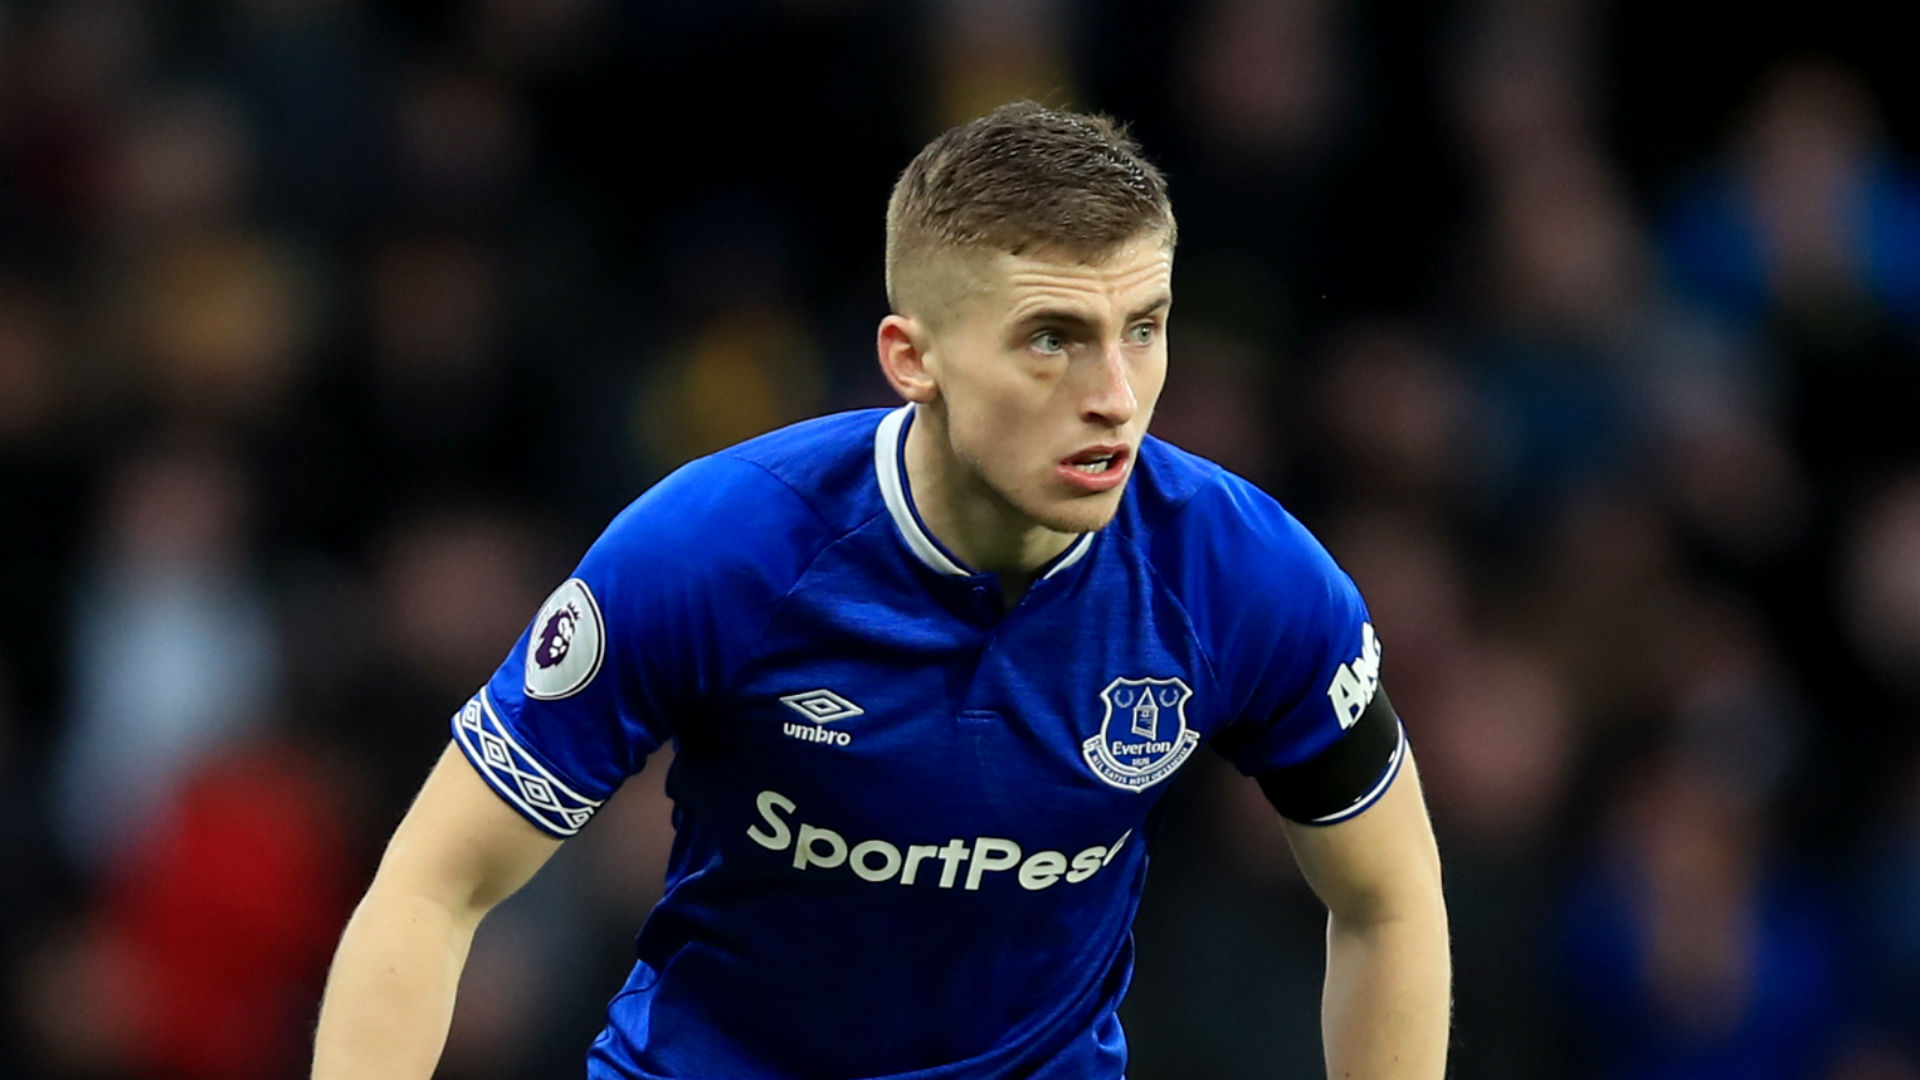 Everton defender Jonjoe Kenny joins Schalke on loan deal